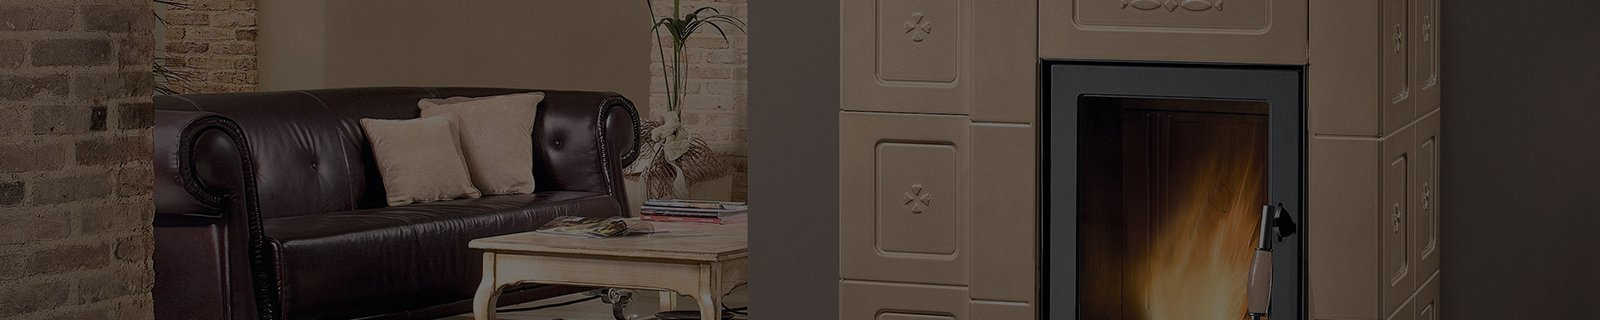 Камины классической облицовки в интернет-магазине │ Kaminoff.ua